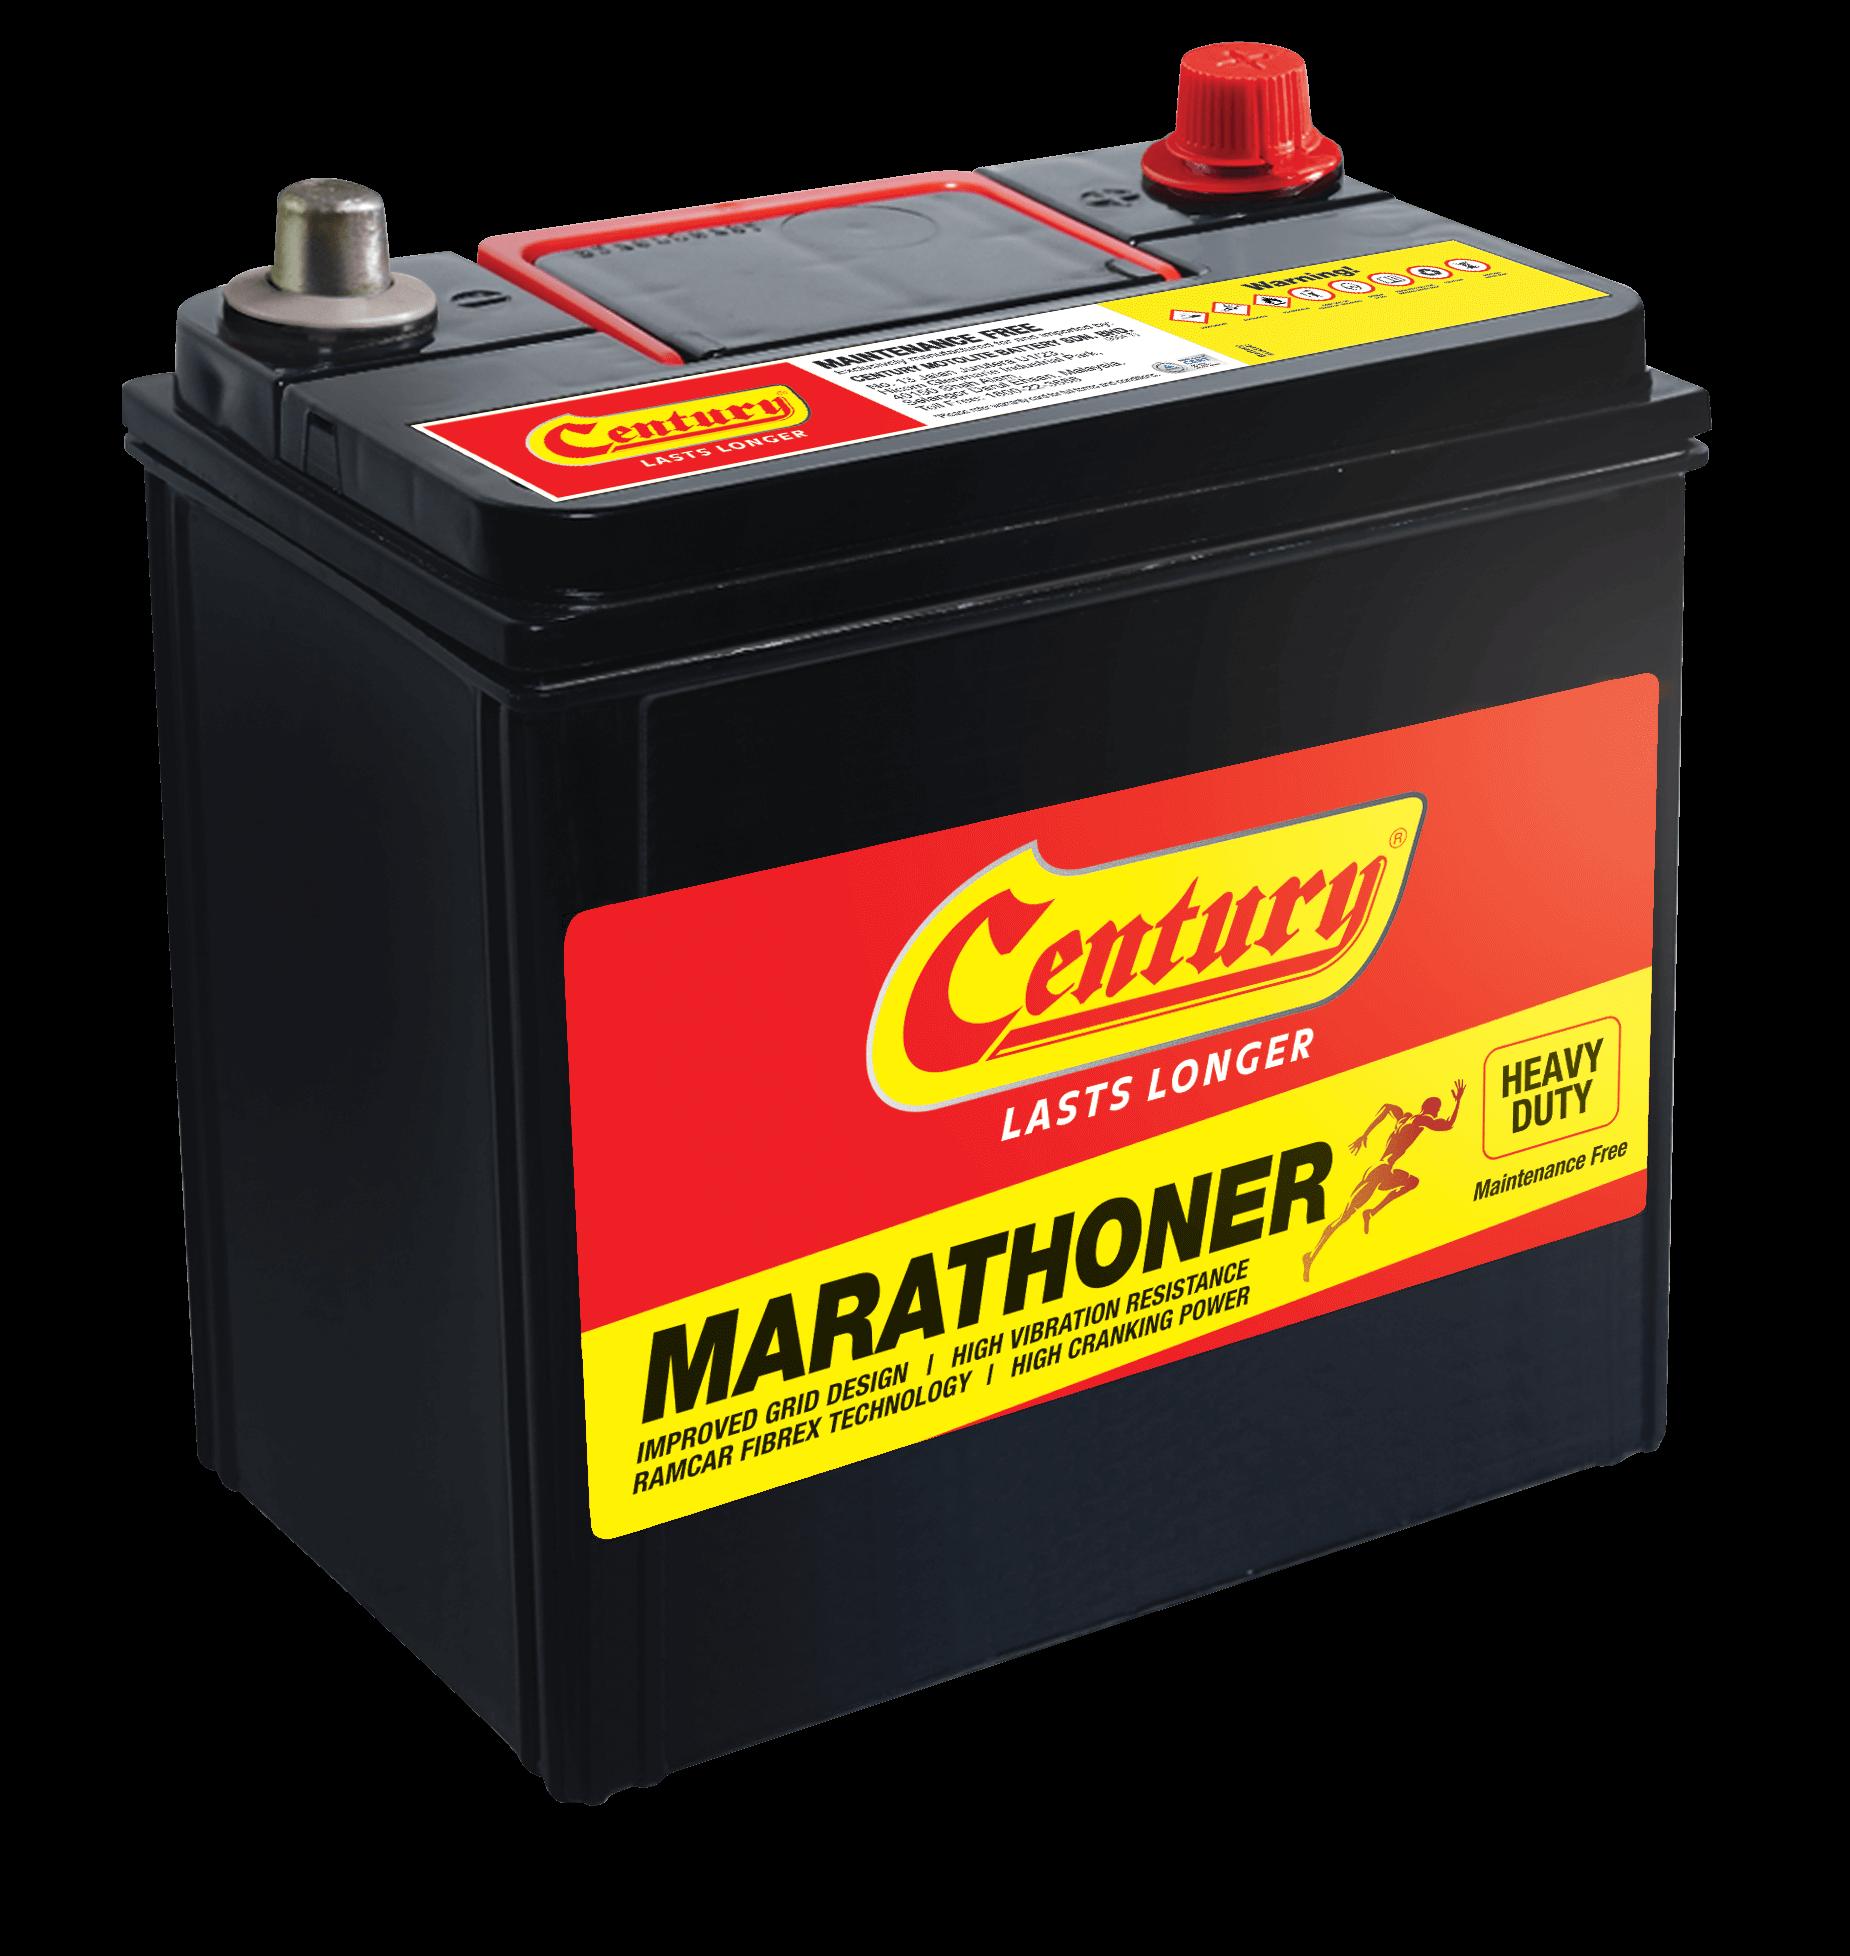 Century Marathoner Battery